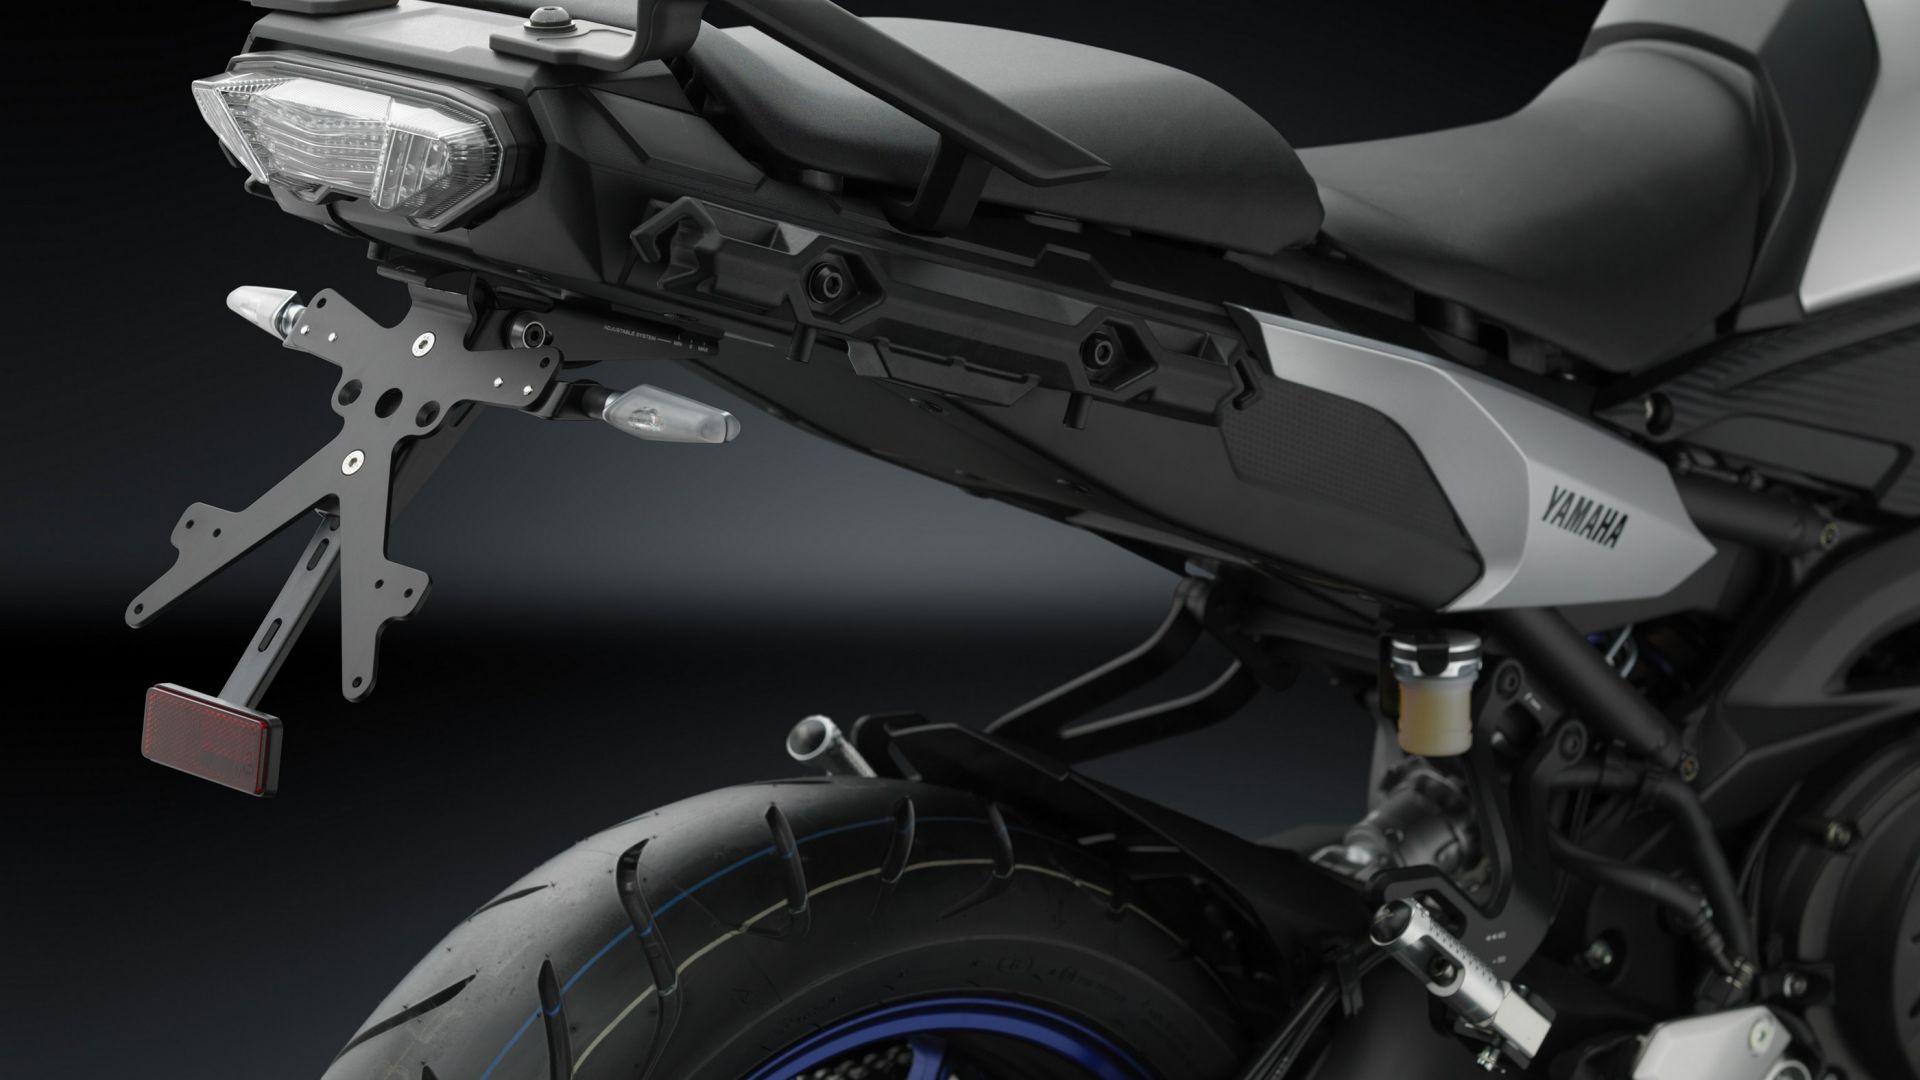 Accessori Moto Rizoma Per La MT 09 Tracer